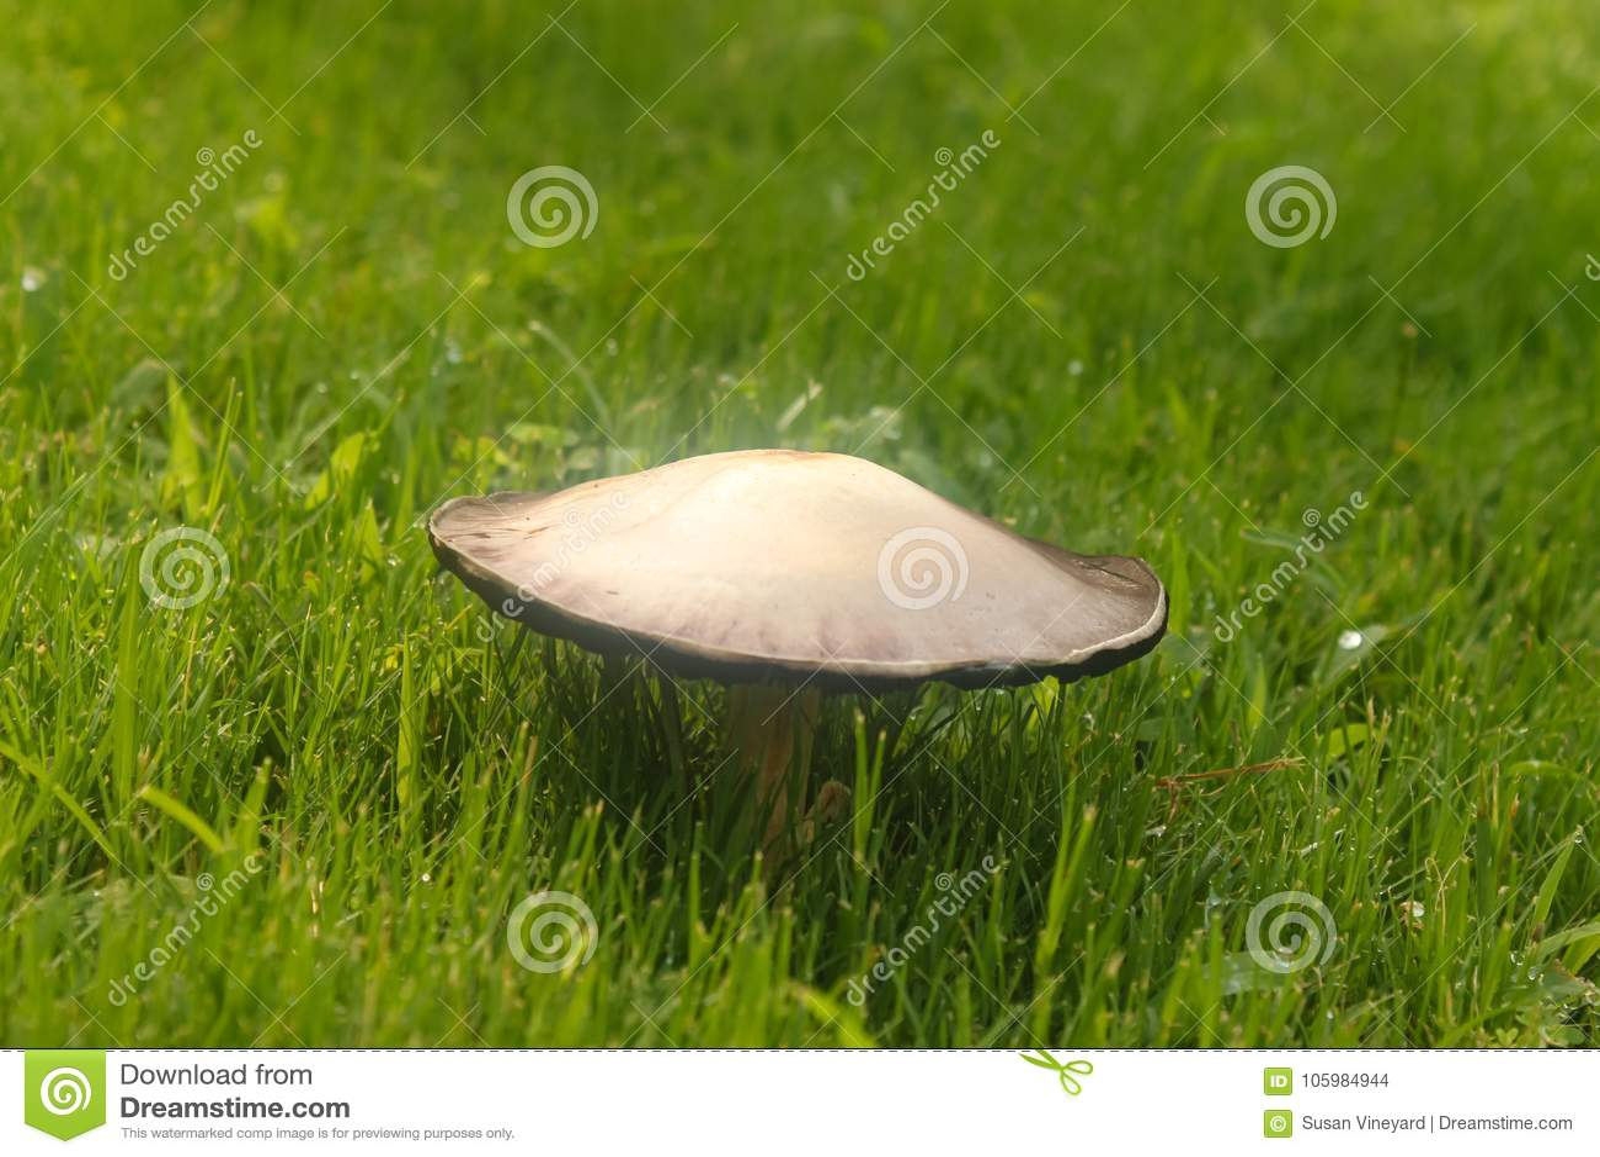 Cogumelo que cresce na grama verde com gotas de água - foco seletivo